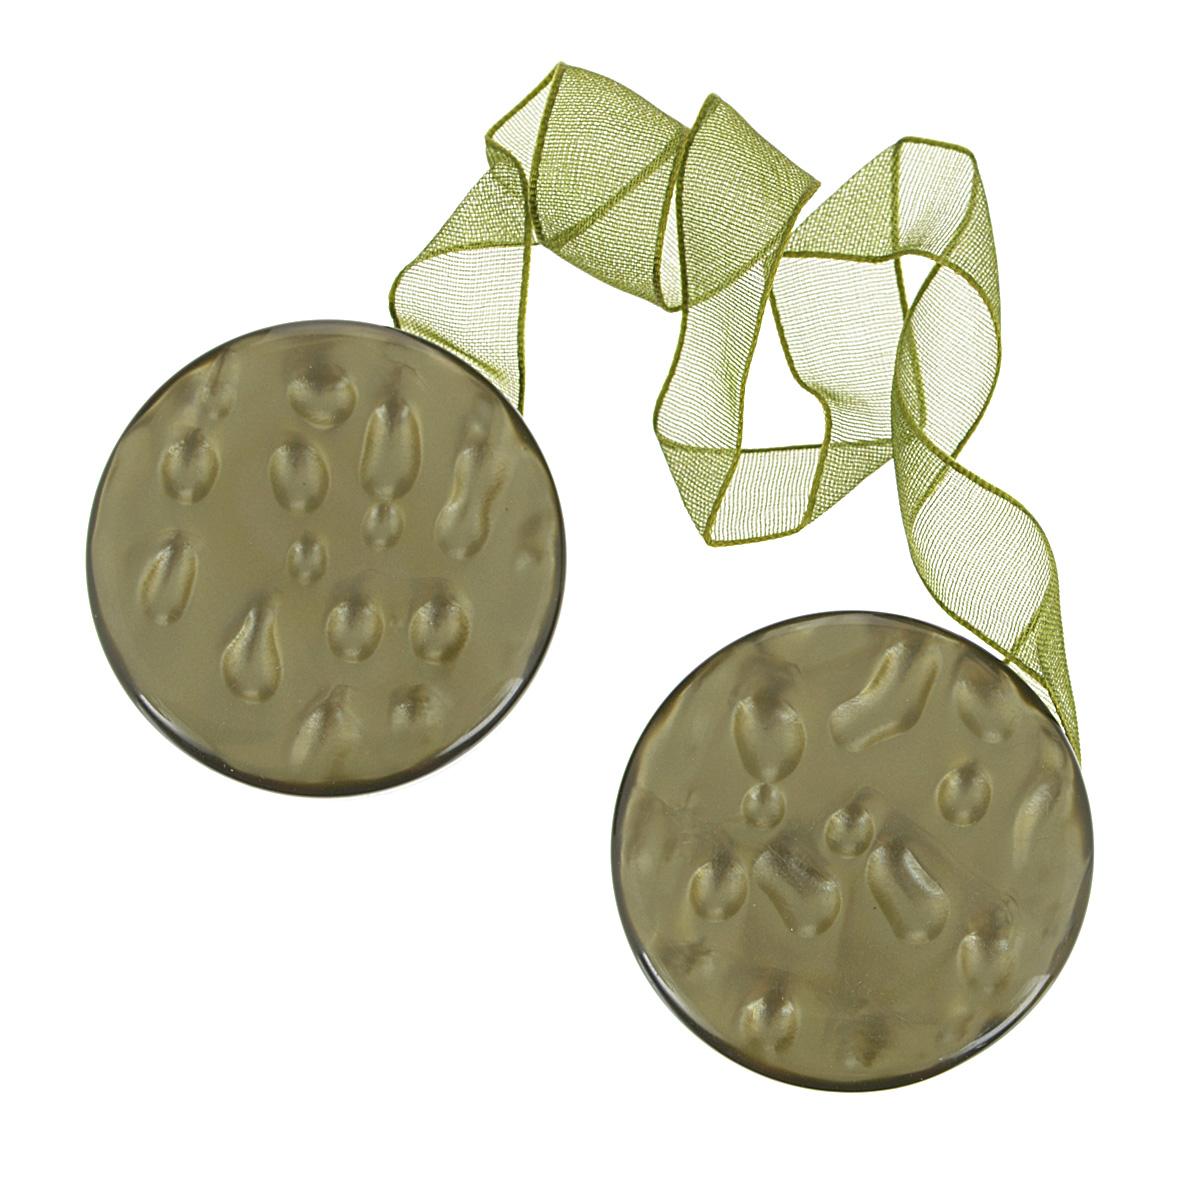 Клипса-магнит для штор Calamita Fiore, цвет: хаки. 675238_698675238_698Клипса-магнит Calamita Fiore, изготовленная из пластика и текстиля, предназначена для придания формы шторам. Изделие представляет собой два магнита круглой формы, расположенные на разных концах текстильной ленты. С помощью такой магнитной клипсы можно зафиксировать портьеры, придать им требуемое положение, сделать складки симметричными или приблизить портьеры, скрепить их. Клипсы для штор являются универсальным изделием, которое превосходно подойдет как для штор в детской комнате, так и для штор в гостиной. Следует отметить, что клипсы для штор выполняют не только практическую функцию, но также являются одной из основных деталей декора этого изделия, котораяпридает шторам восхитительный, стильный внешний вид. Материал: полиэстер, пластик, магнит.Диаметр клипсы: 5 см.Длина ленты: 28 см.